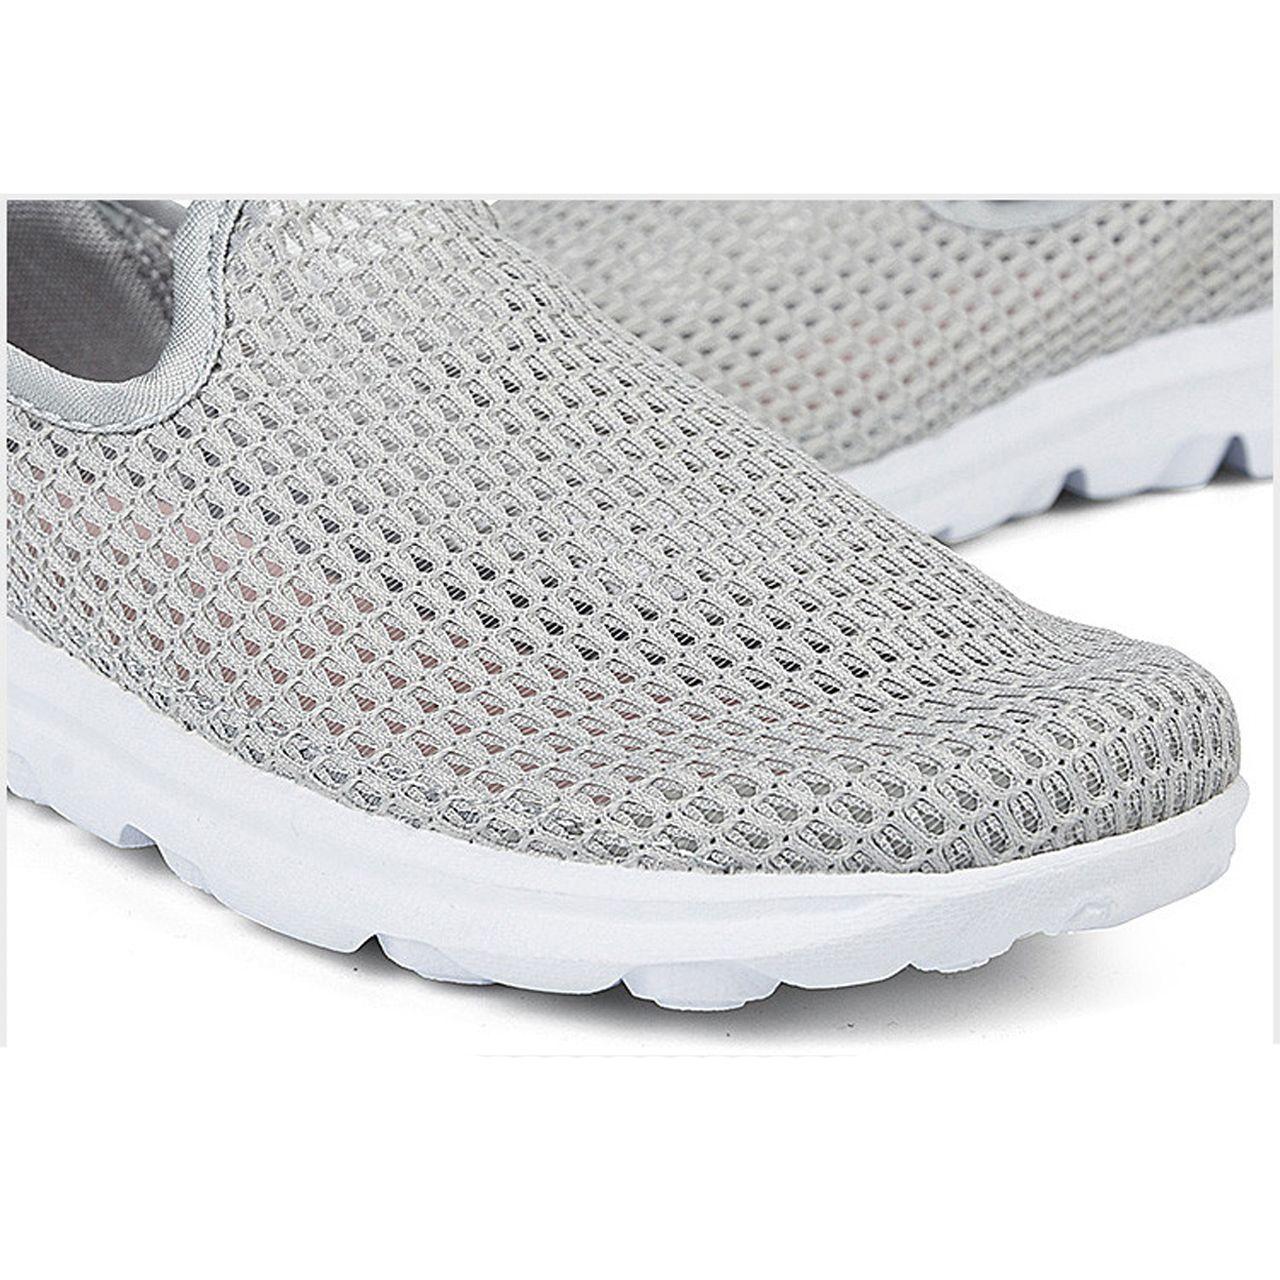 کفش مخصوص پیاده روی زنانه 361 درجه کد 581824421 -  - 11